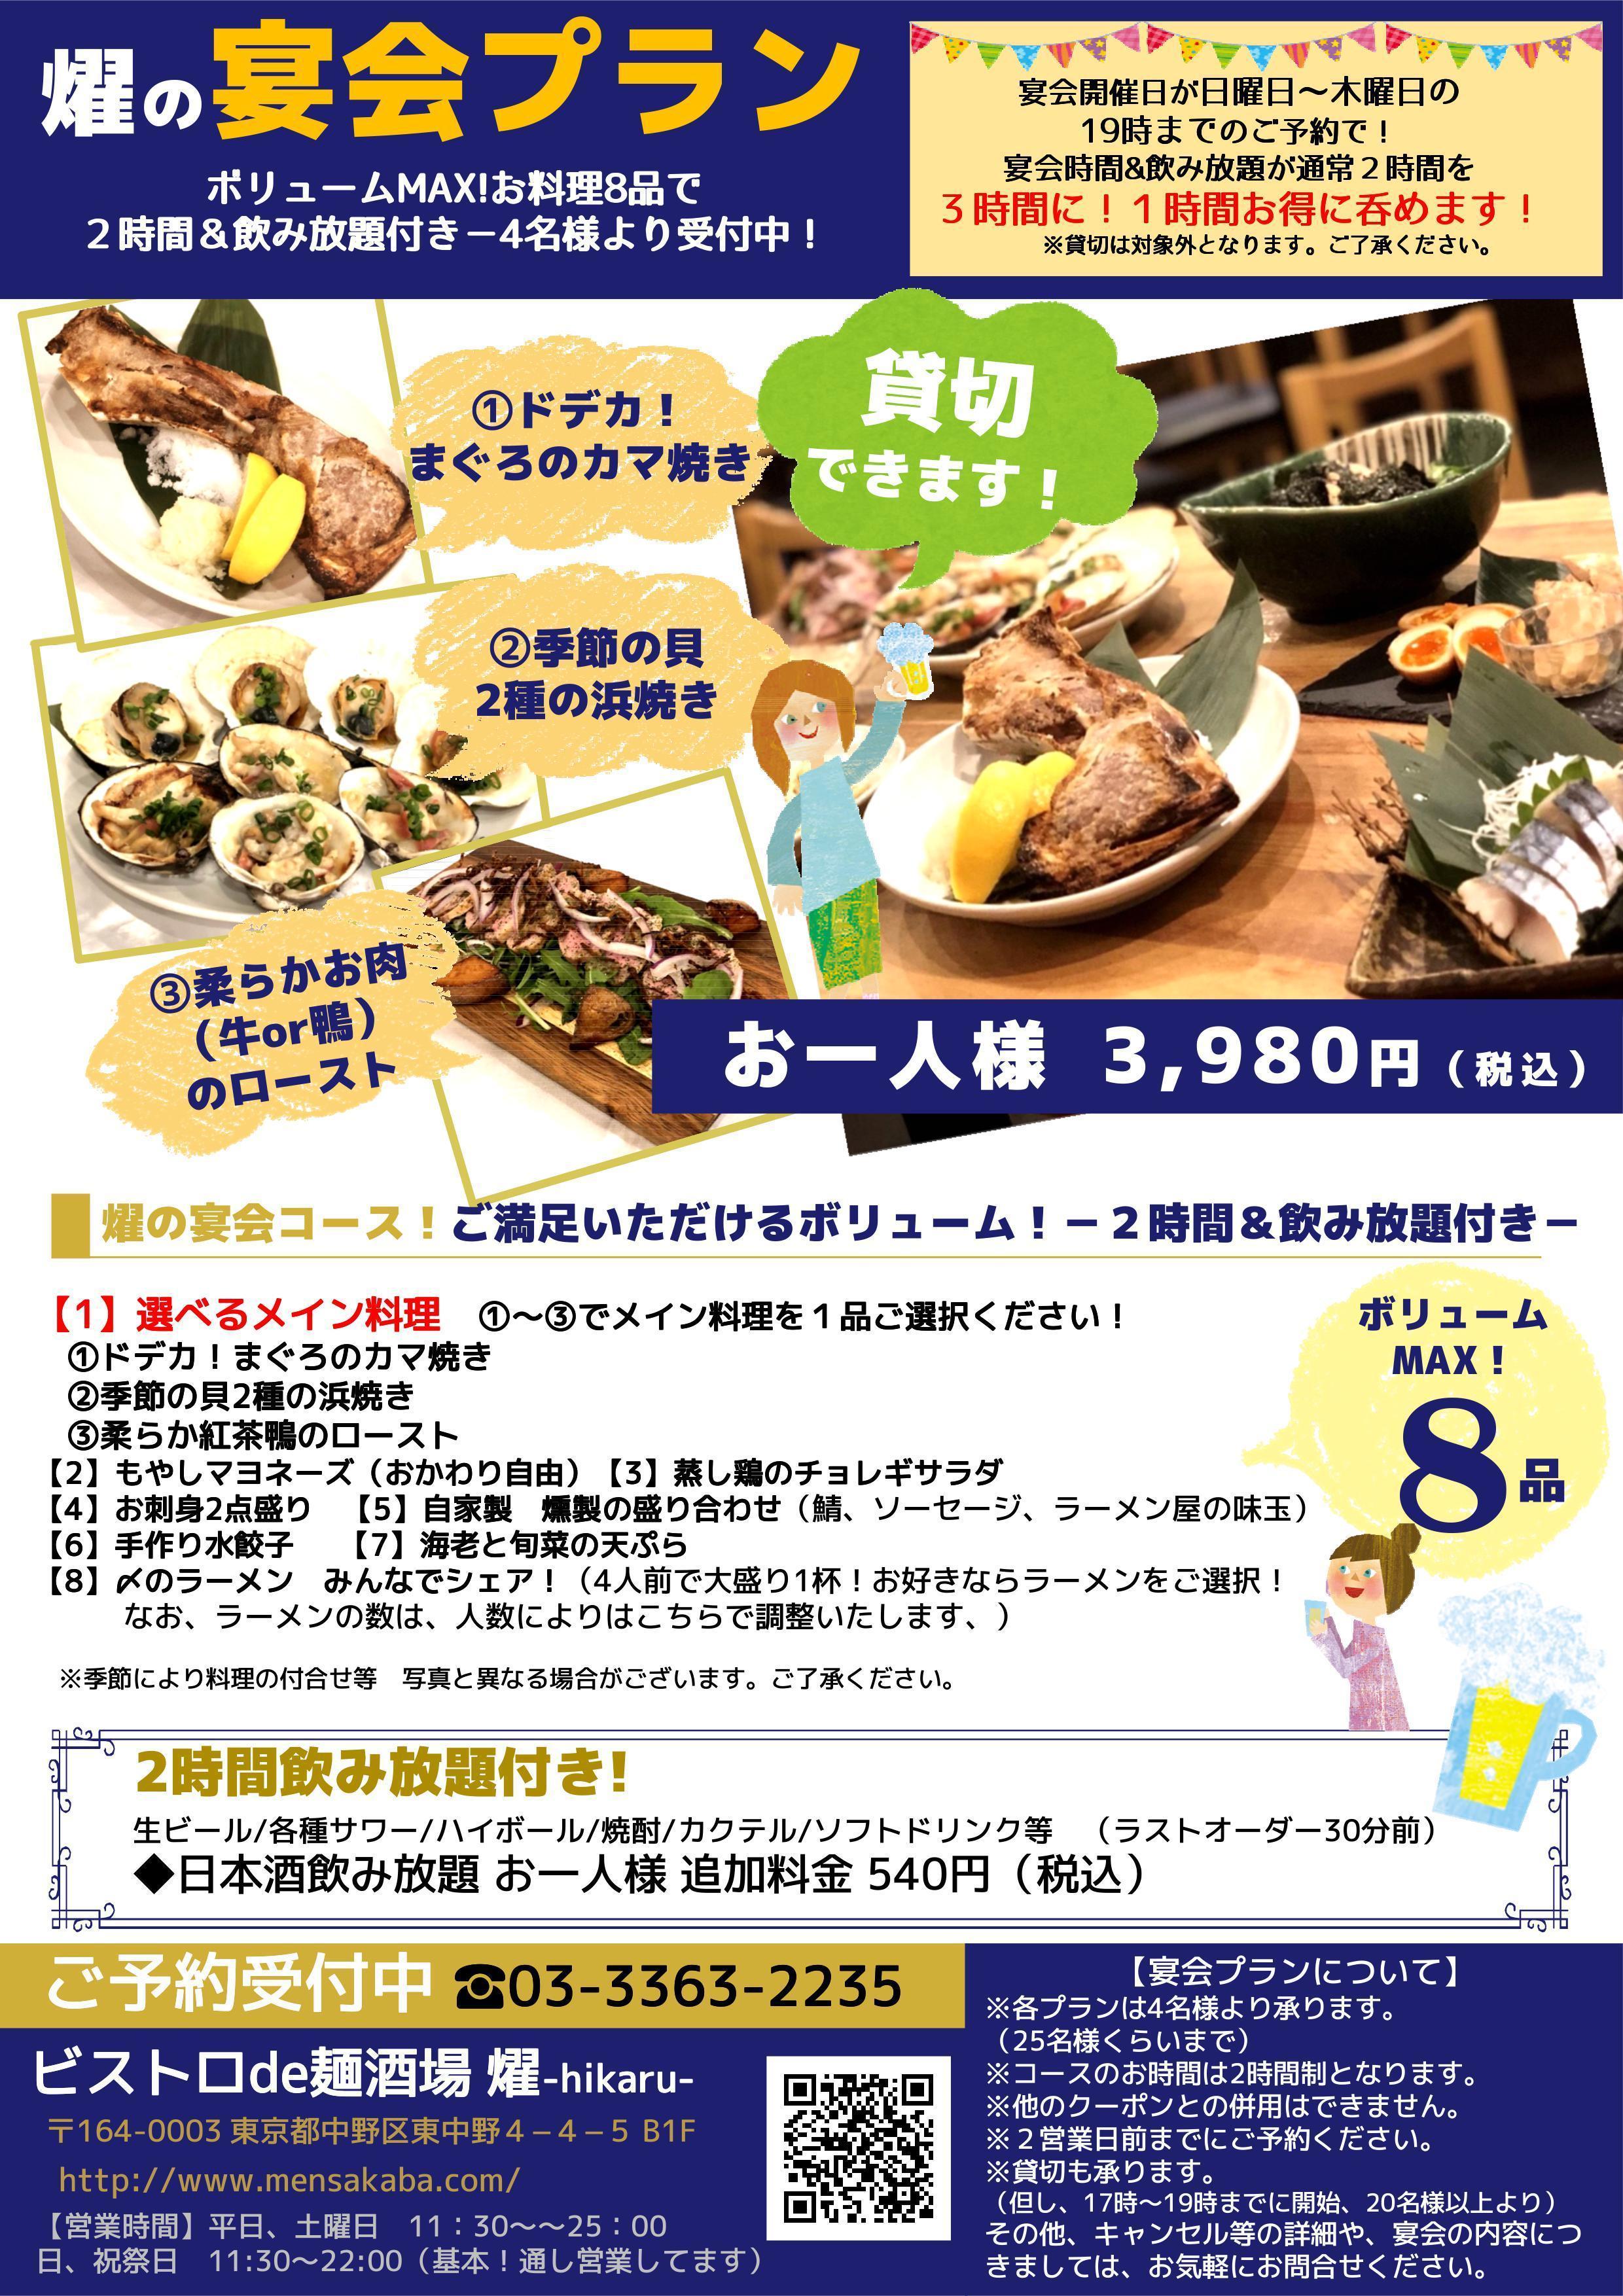 東中野 麺酒場 燿 の宴会プラン(コース)(飲み放題付)